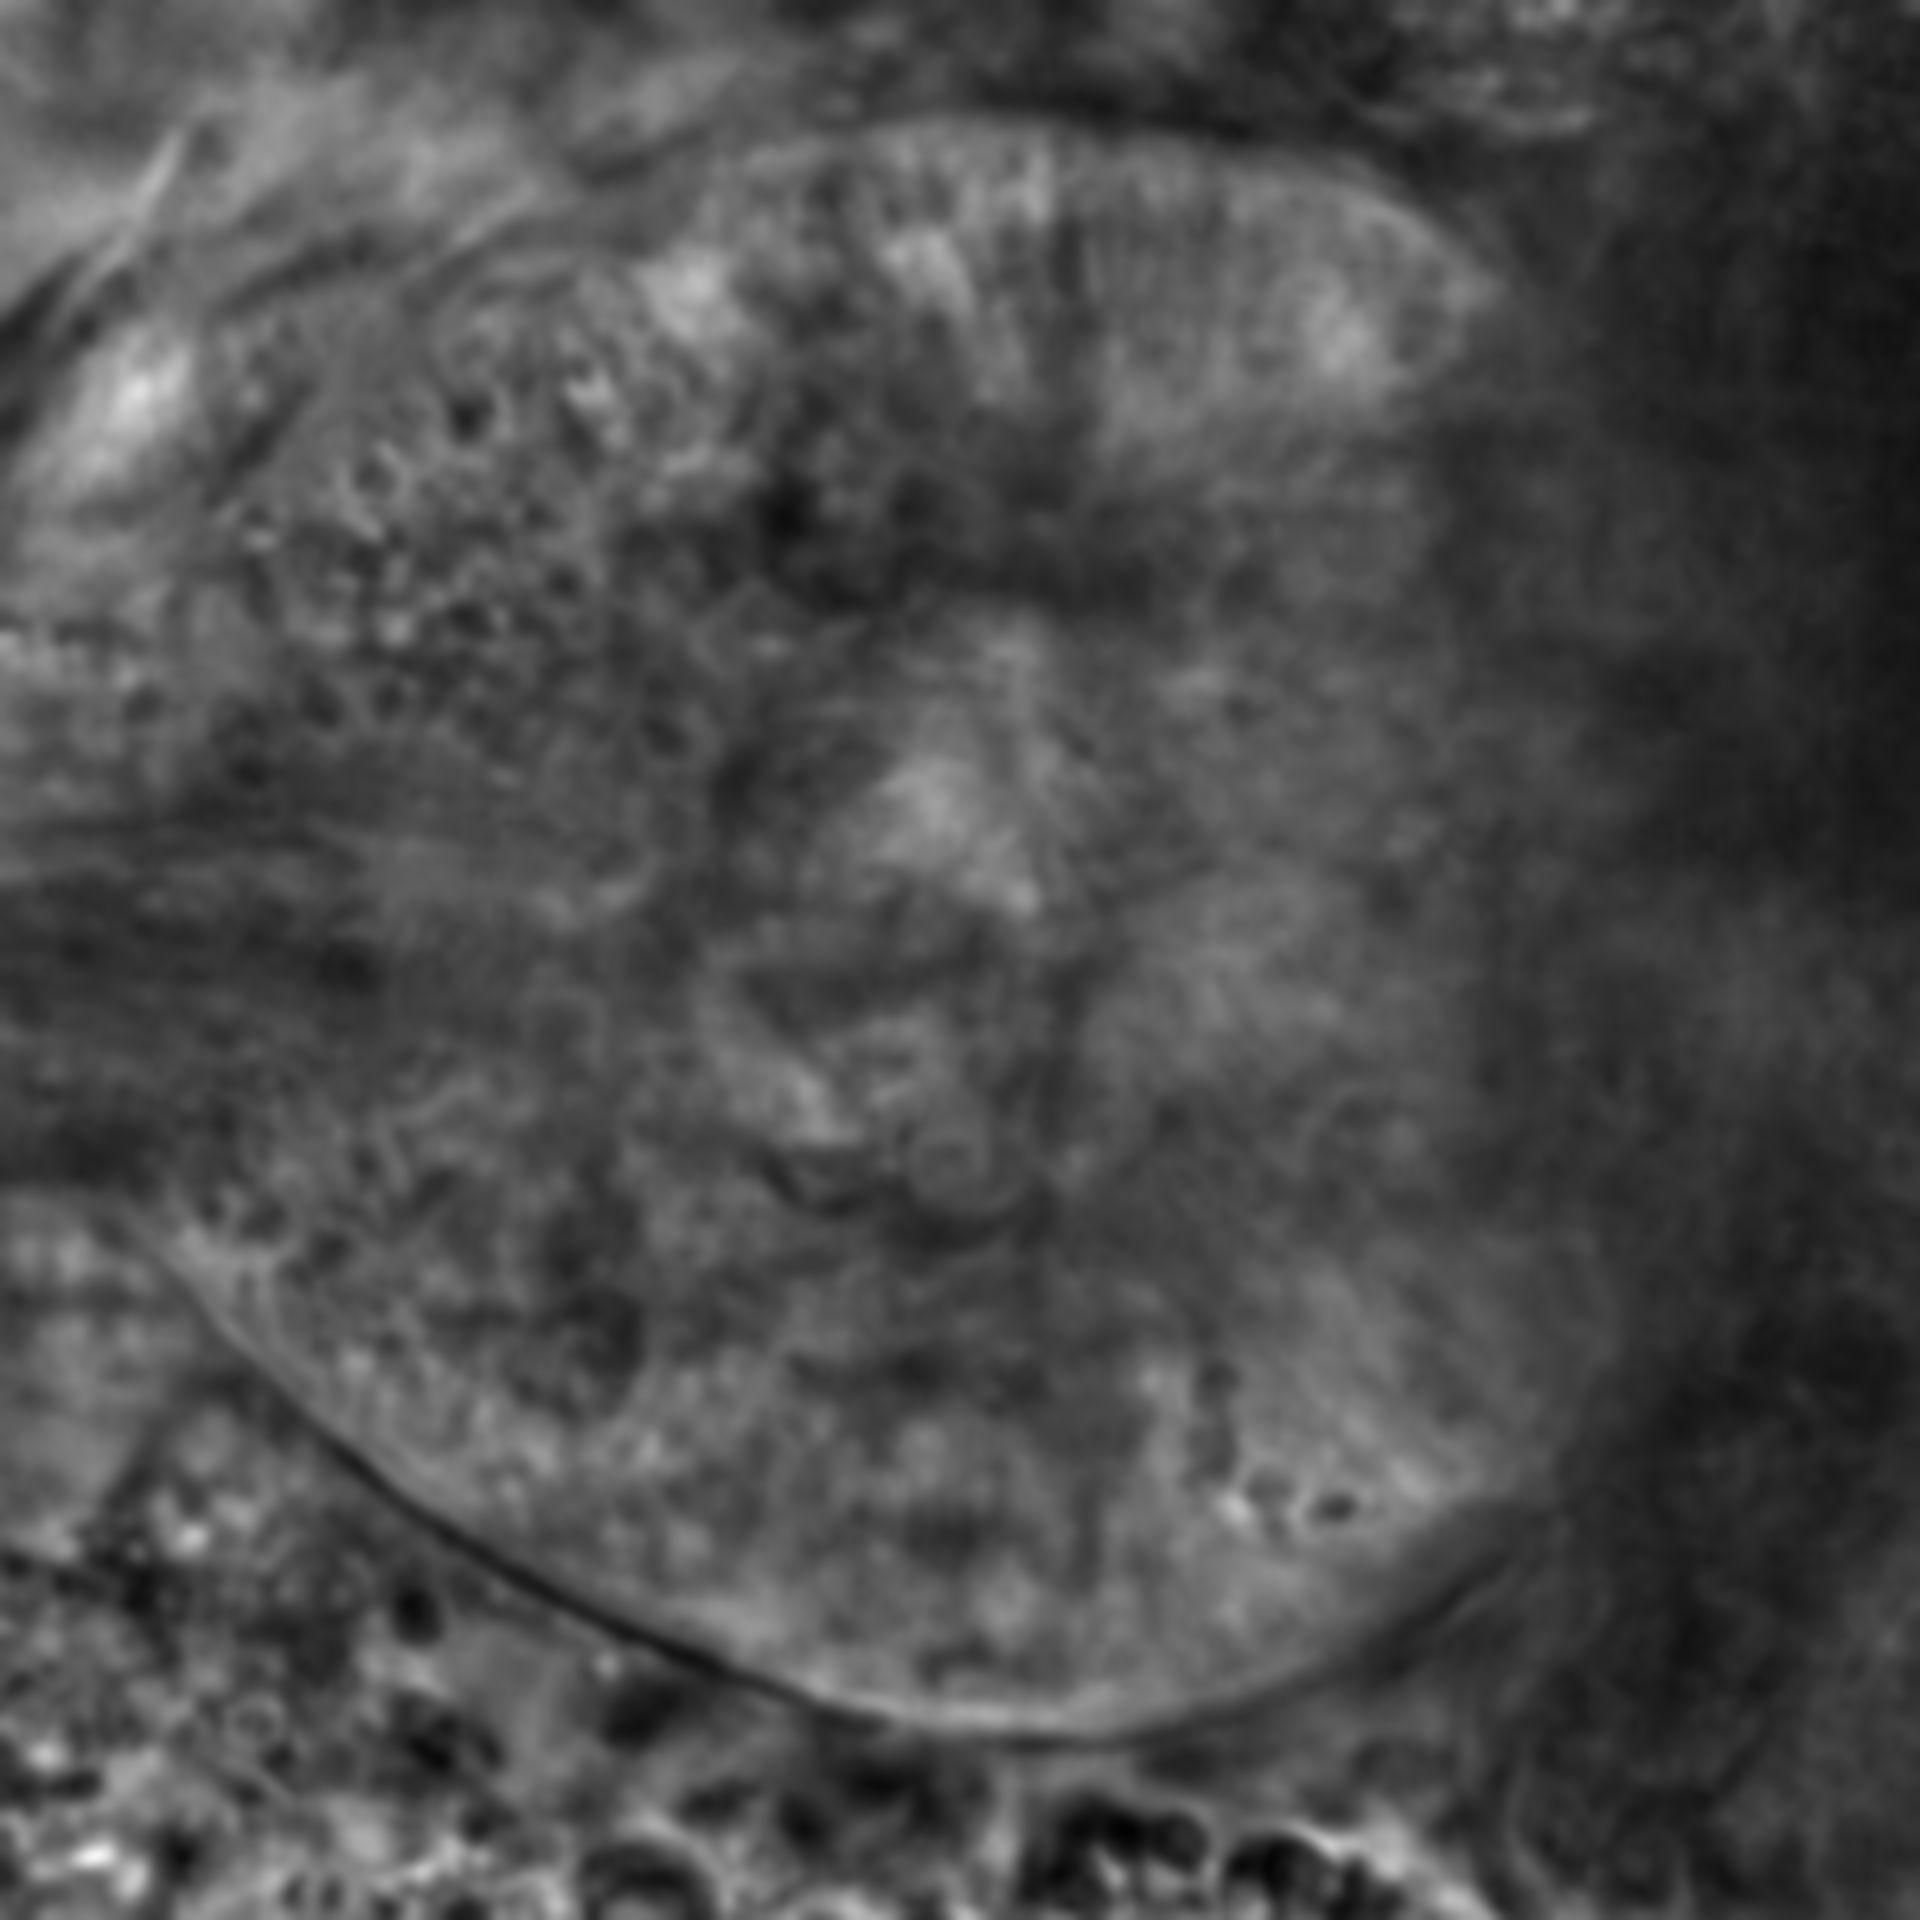 Caenorhabditis elegans - CIL:2555